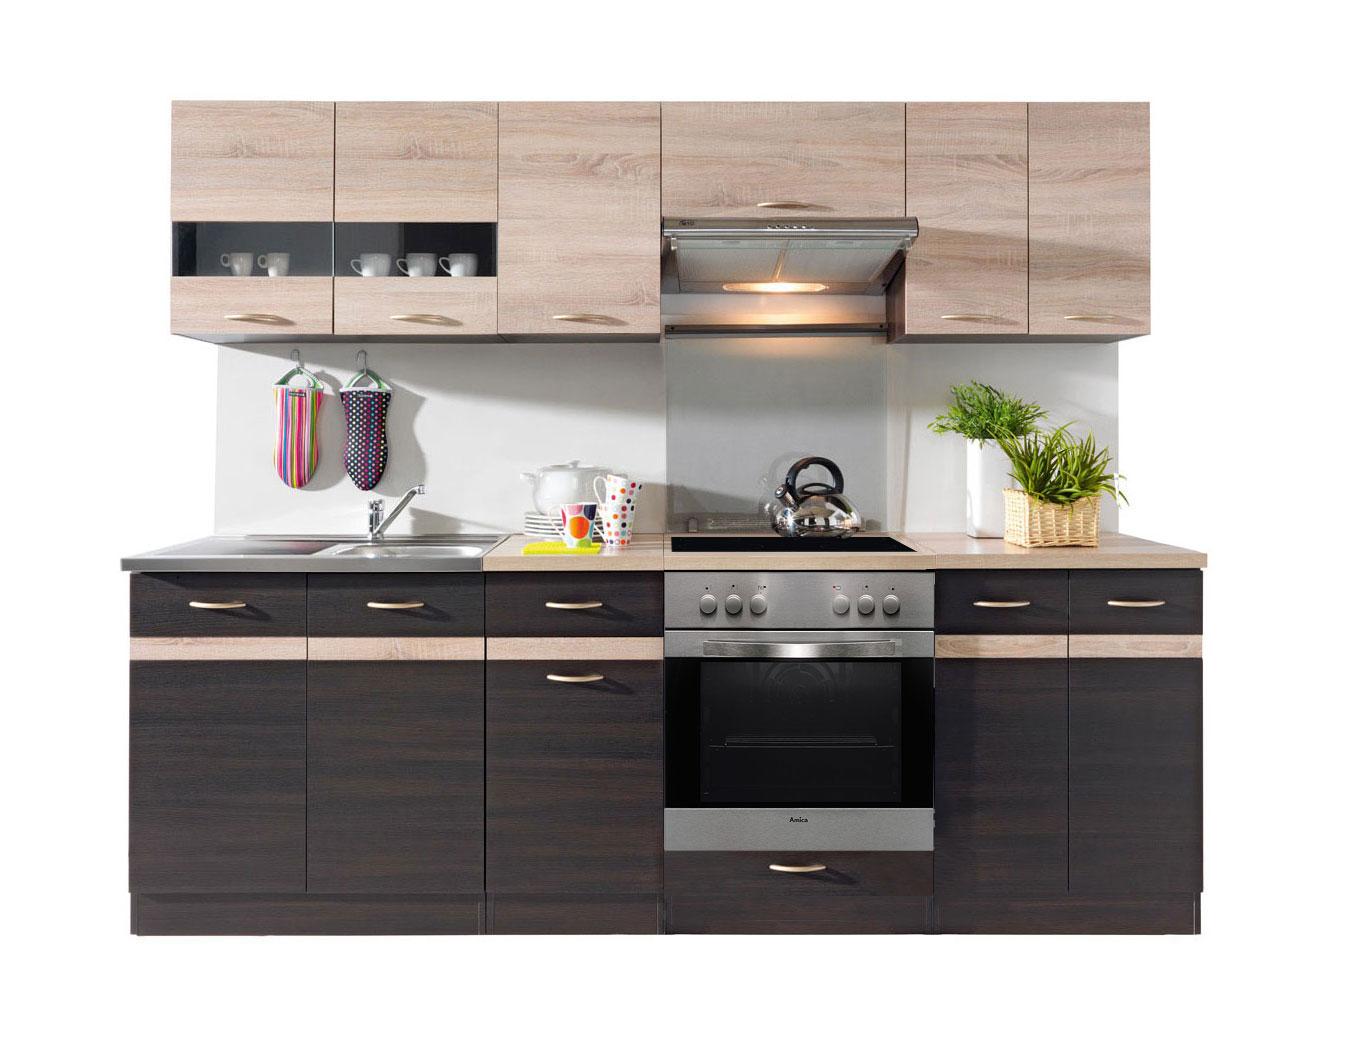 Full Size of Real Küchen Kchen Gnstig Mit E Gerten L Form Ohne Khlschrank Ikea Regal Wohnzimmer Real Küchen